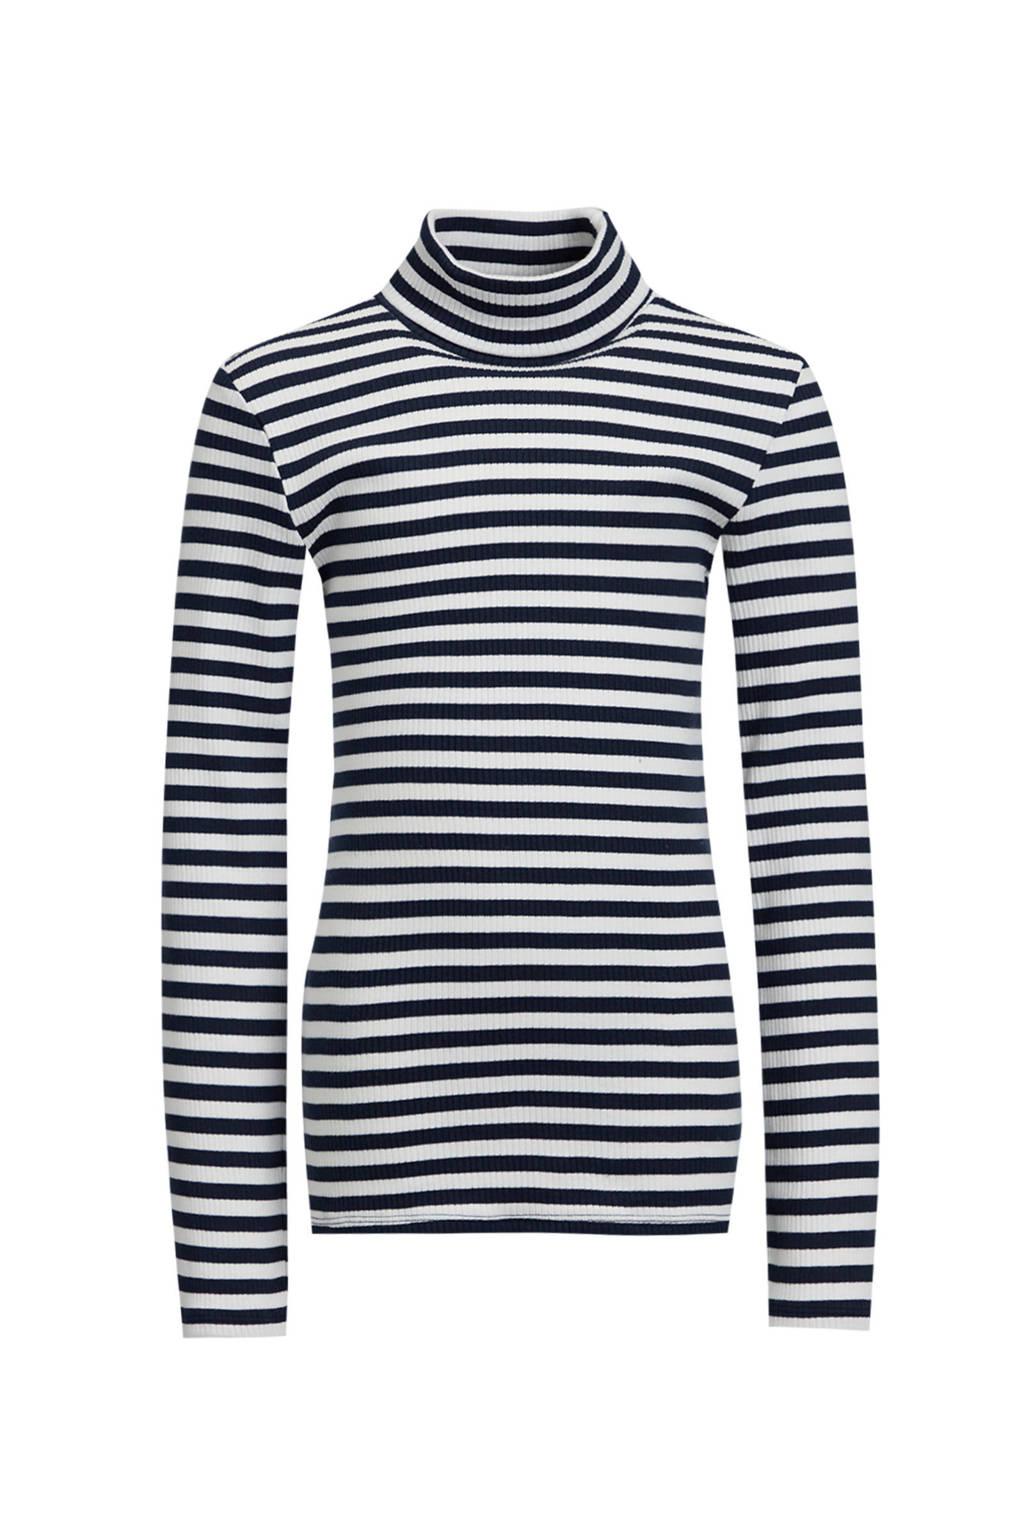 WE Fashion gestreepte ribgebreide longsleeve donkerblauw/ecru, Donkerblauw/ecru